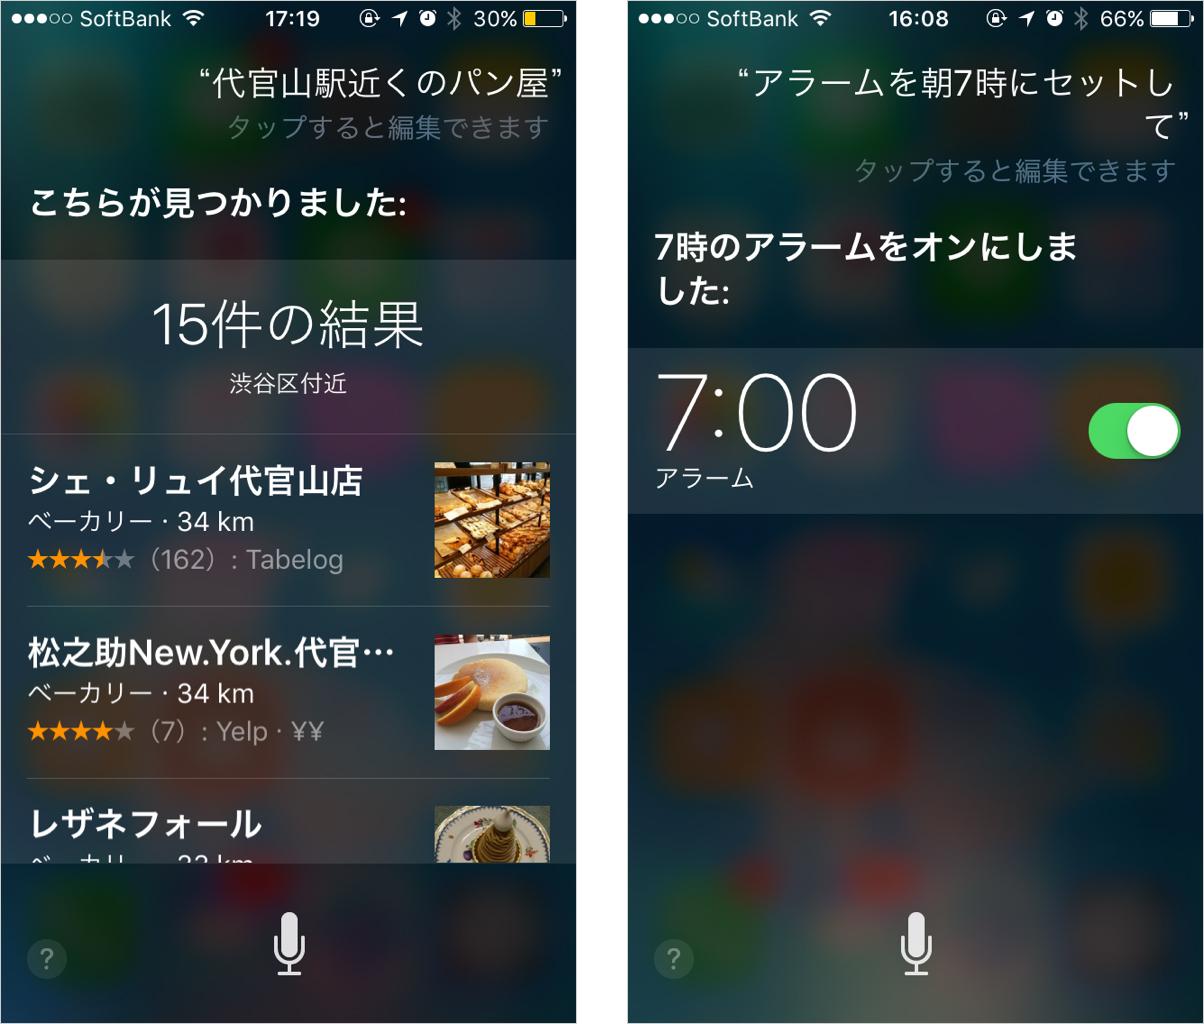 Siriは音声を認識して会話しながらウェブ検索などを手伝ってくれるiPhone独自の便利なアシスタント機能